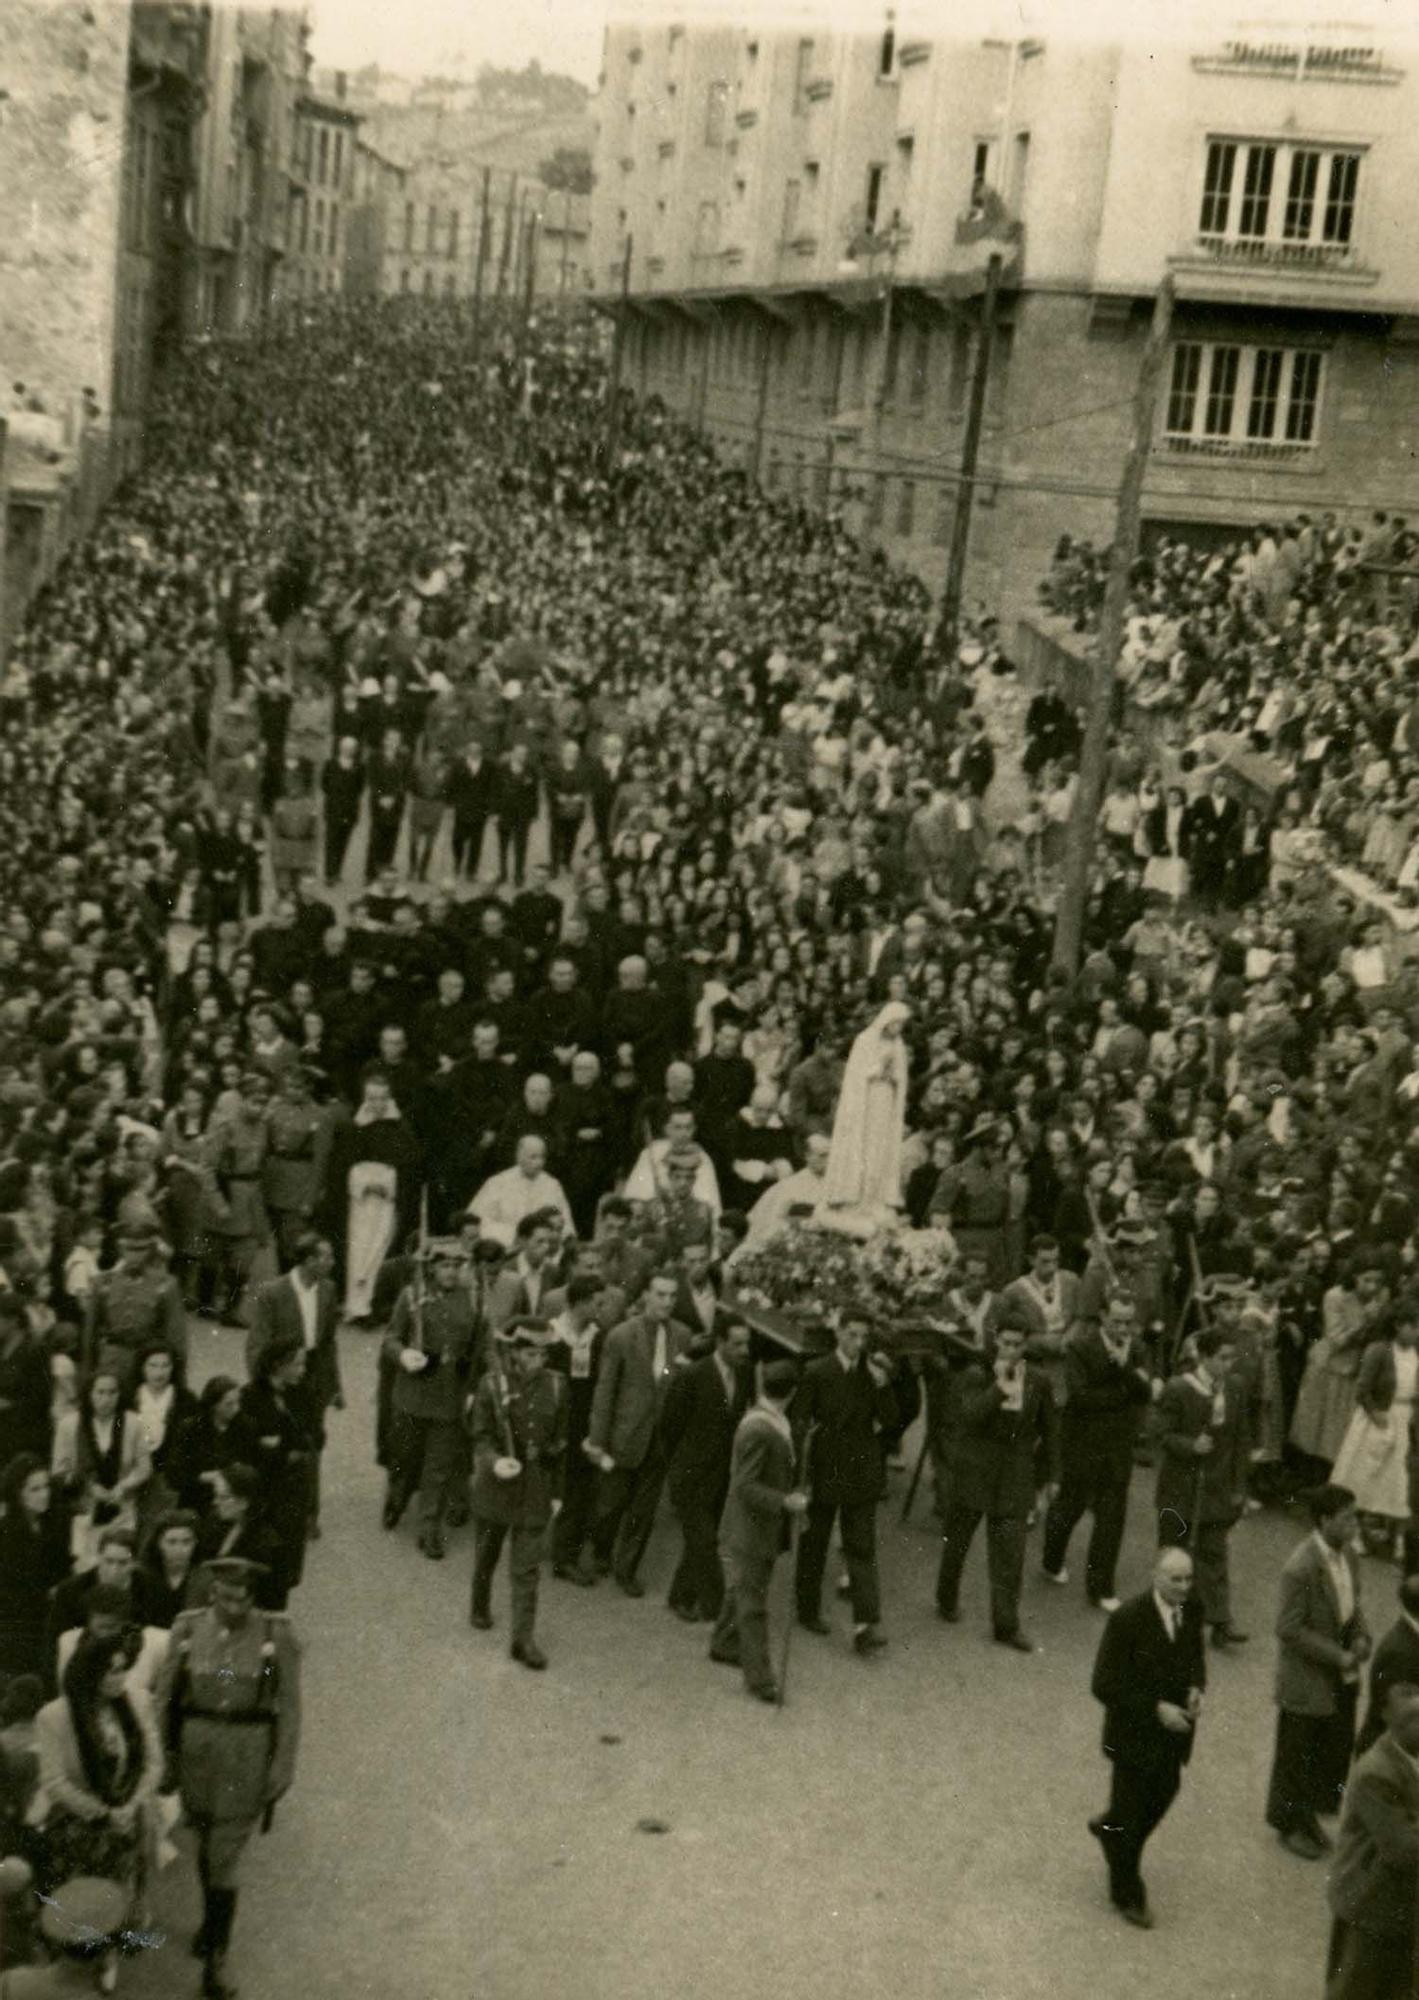 Procesión de la Virgen de Fátima por la calle Arzobispo Guisasola, Oviedo, 23/7/1949 | Donación María Luisa López Llano